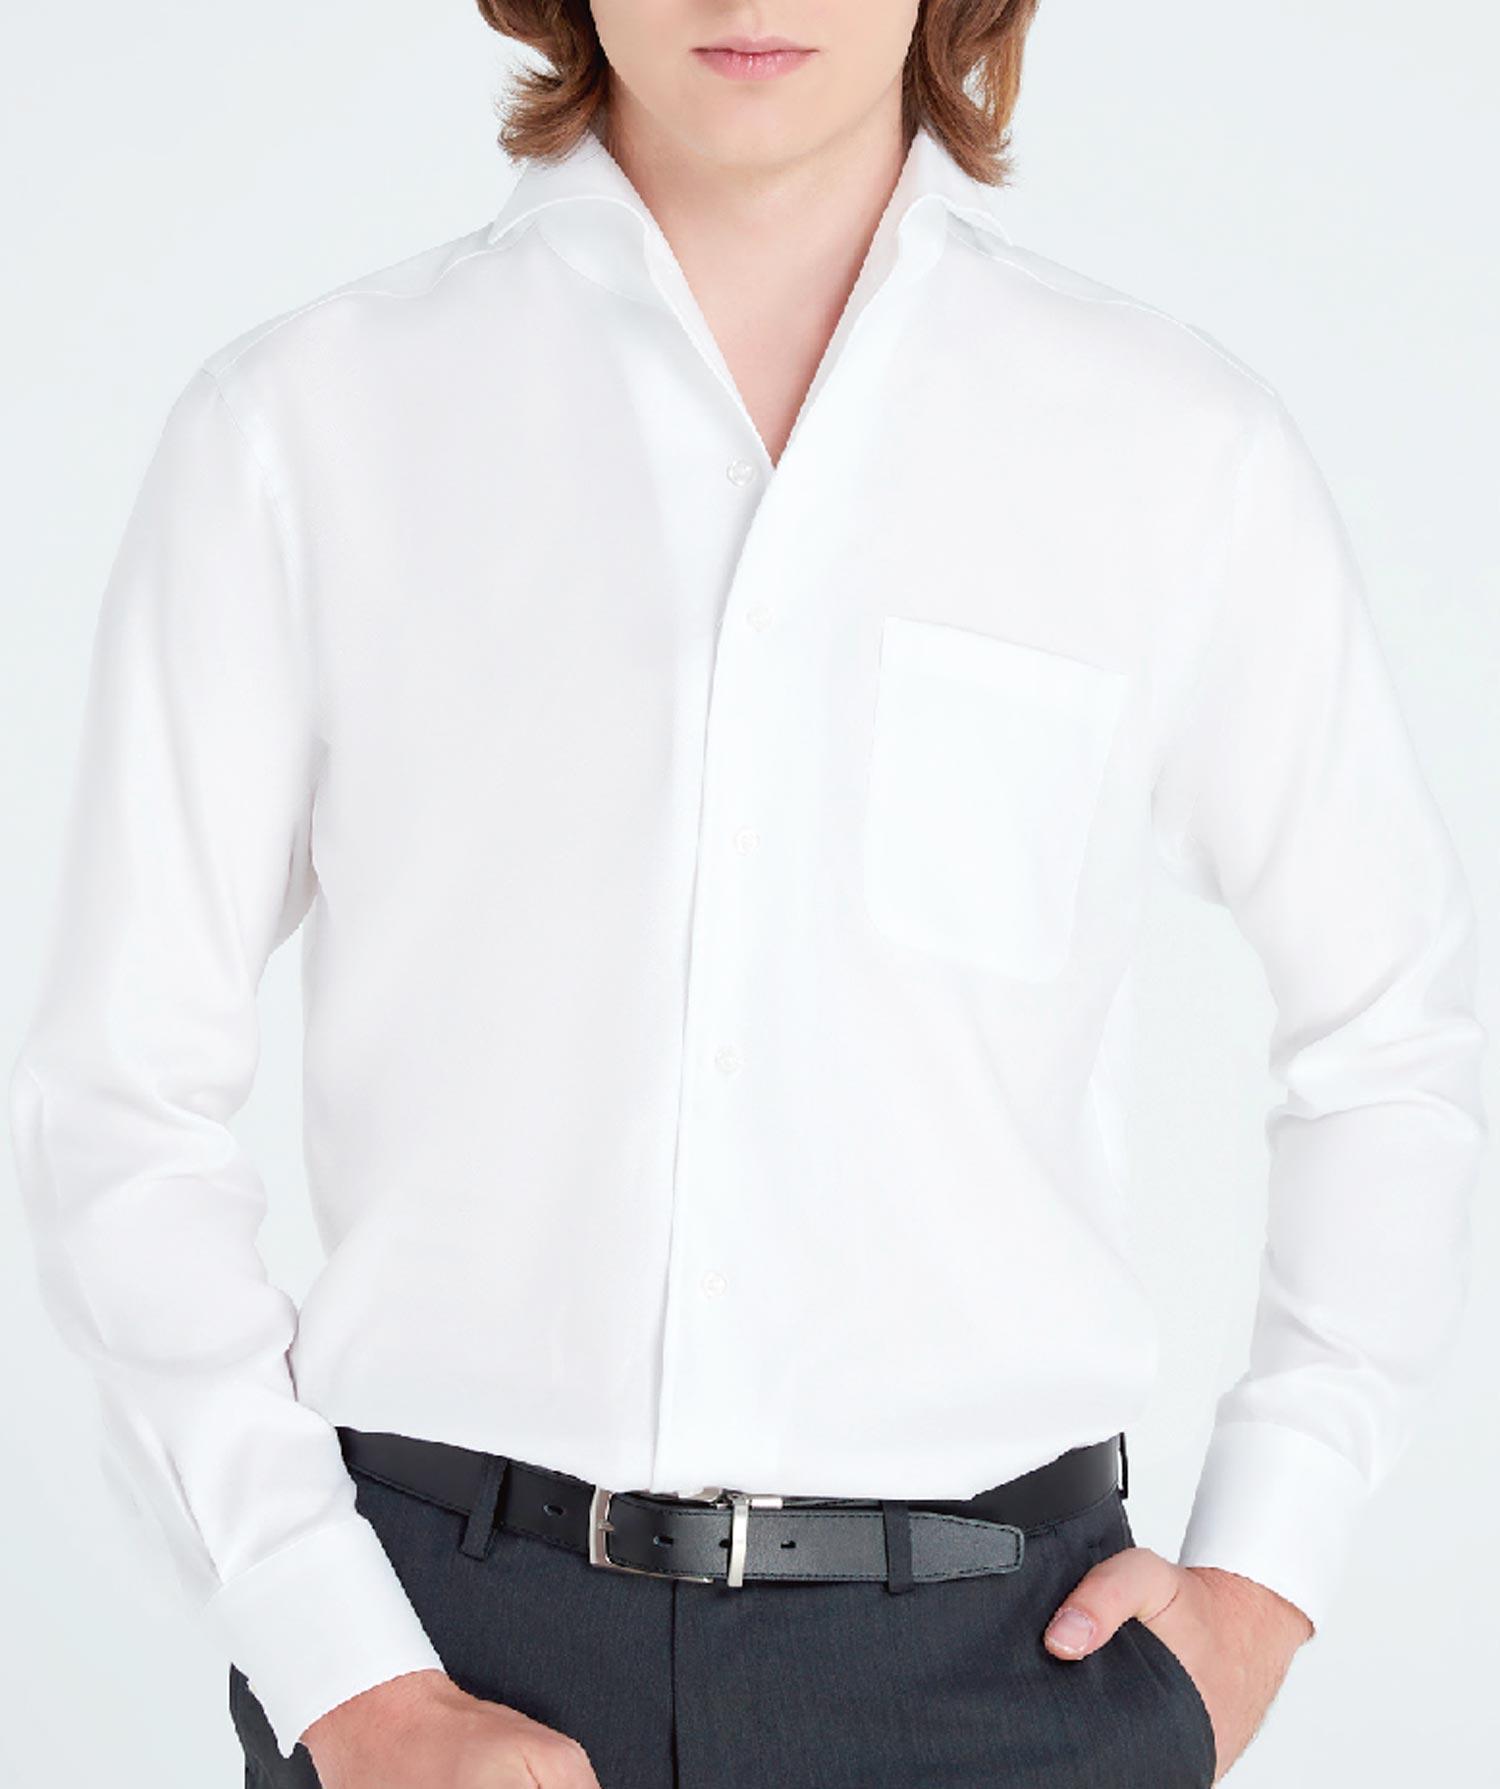 """ホワイトシャツを極めることはひときわ深いお洒落につながる。""""ノーネクタイでもキレイなワイシャツ""""(襟の広がり感)をテーマに作られたのが写真の「ワンピースカラーシャツ 」。通常のワイシャツとは違い、身頃から襟までを1枚の芯地で縫い合わせることにより、襟立ちが良くナチュラルな広がりに。顔全体がスッキリと見え、よりシャープな印象を作り出す効果も。(シャツ1,590B)"""